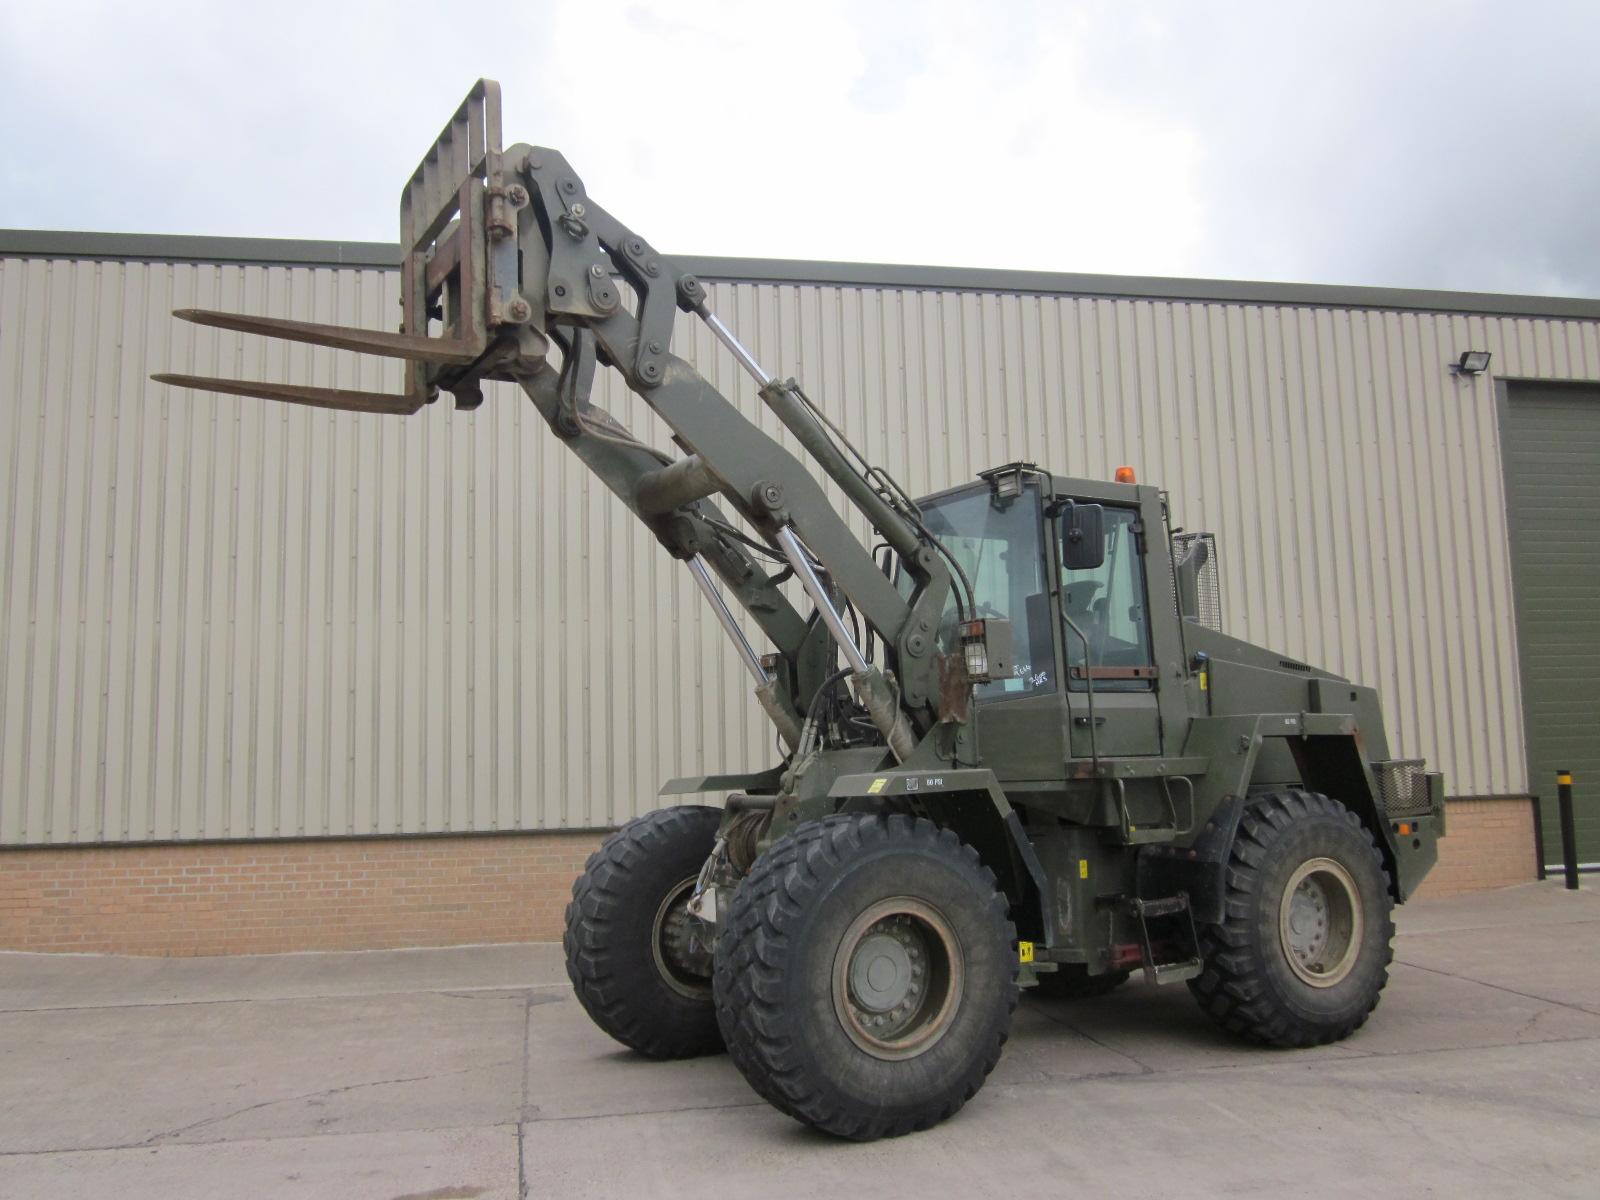 Case 721 CXT Forklift for sale